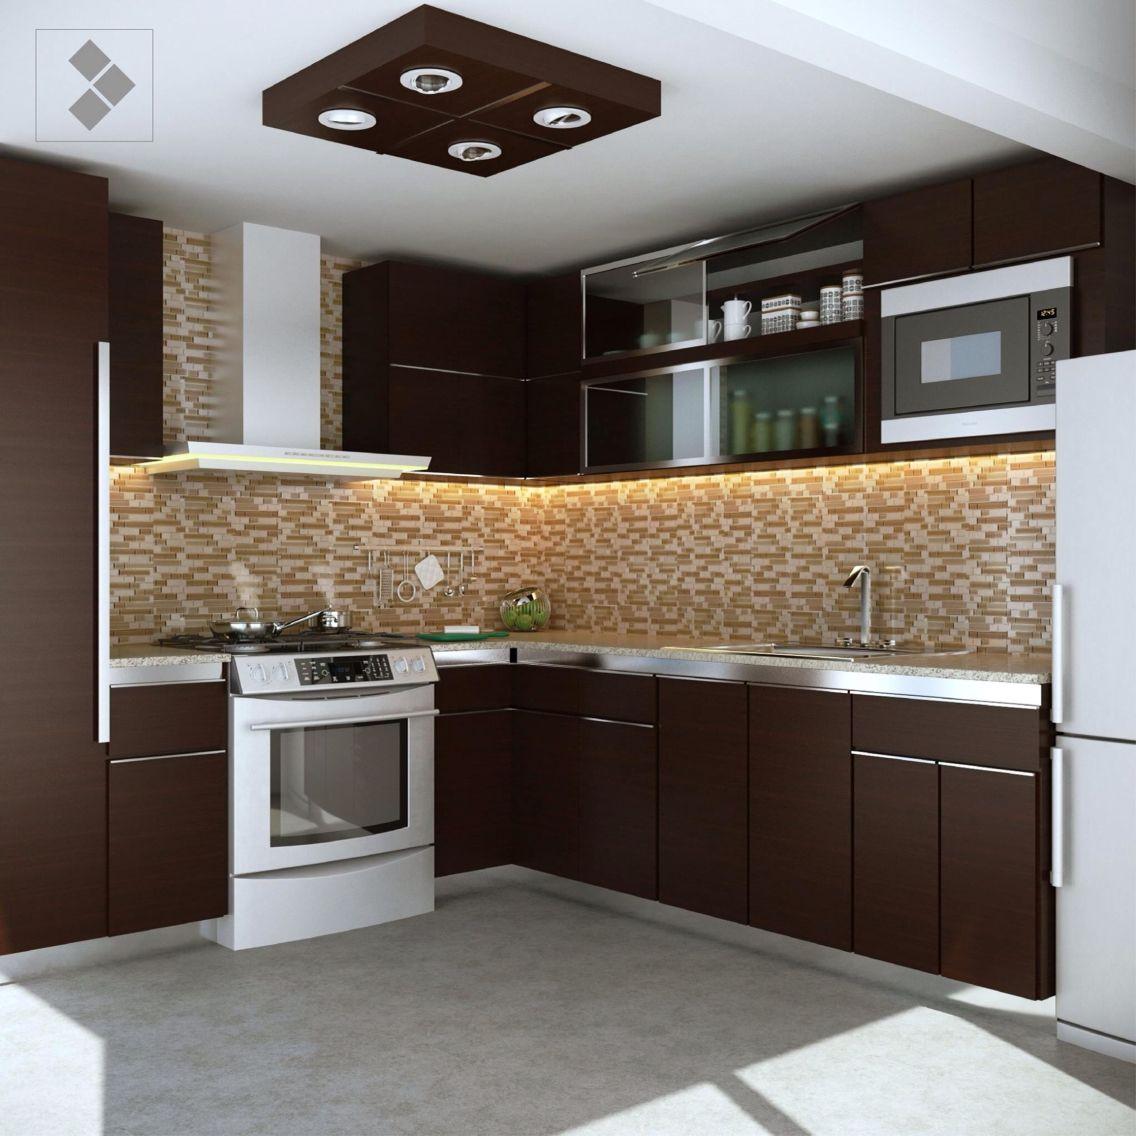 Cocina color chocolate cocina pinterest cosas de for Decoracion de gabinetes de cocina